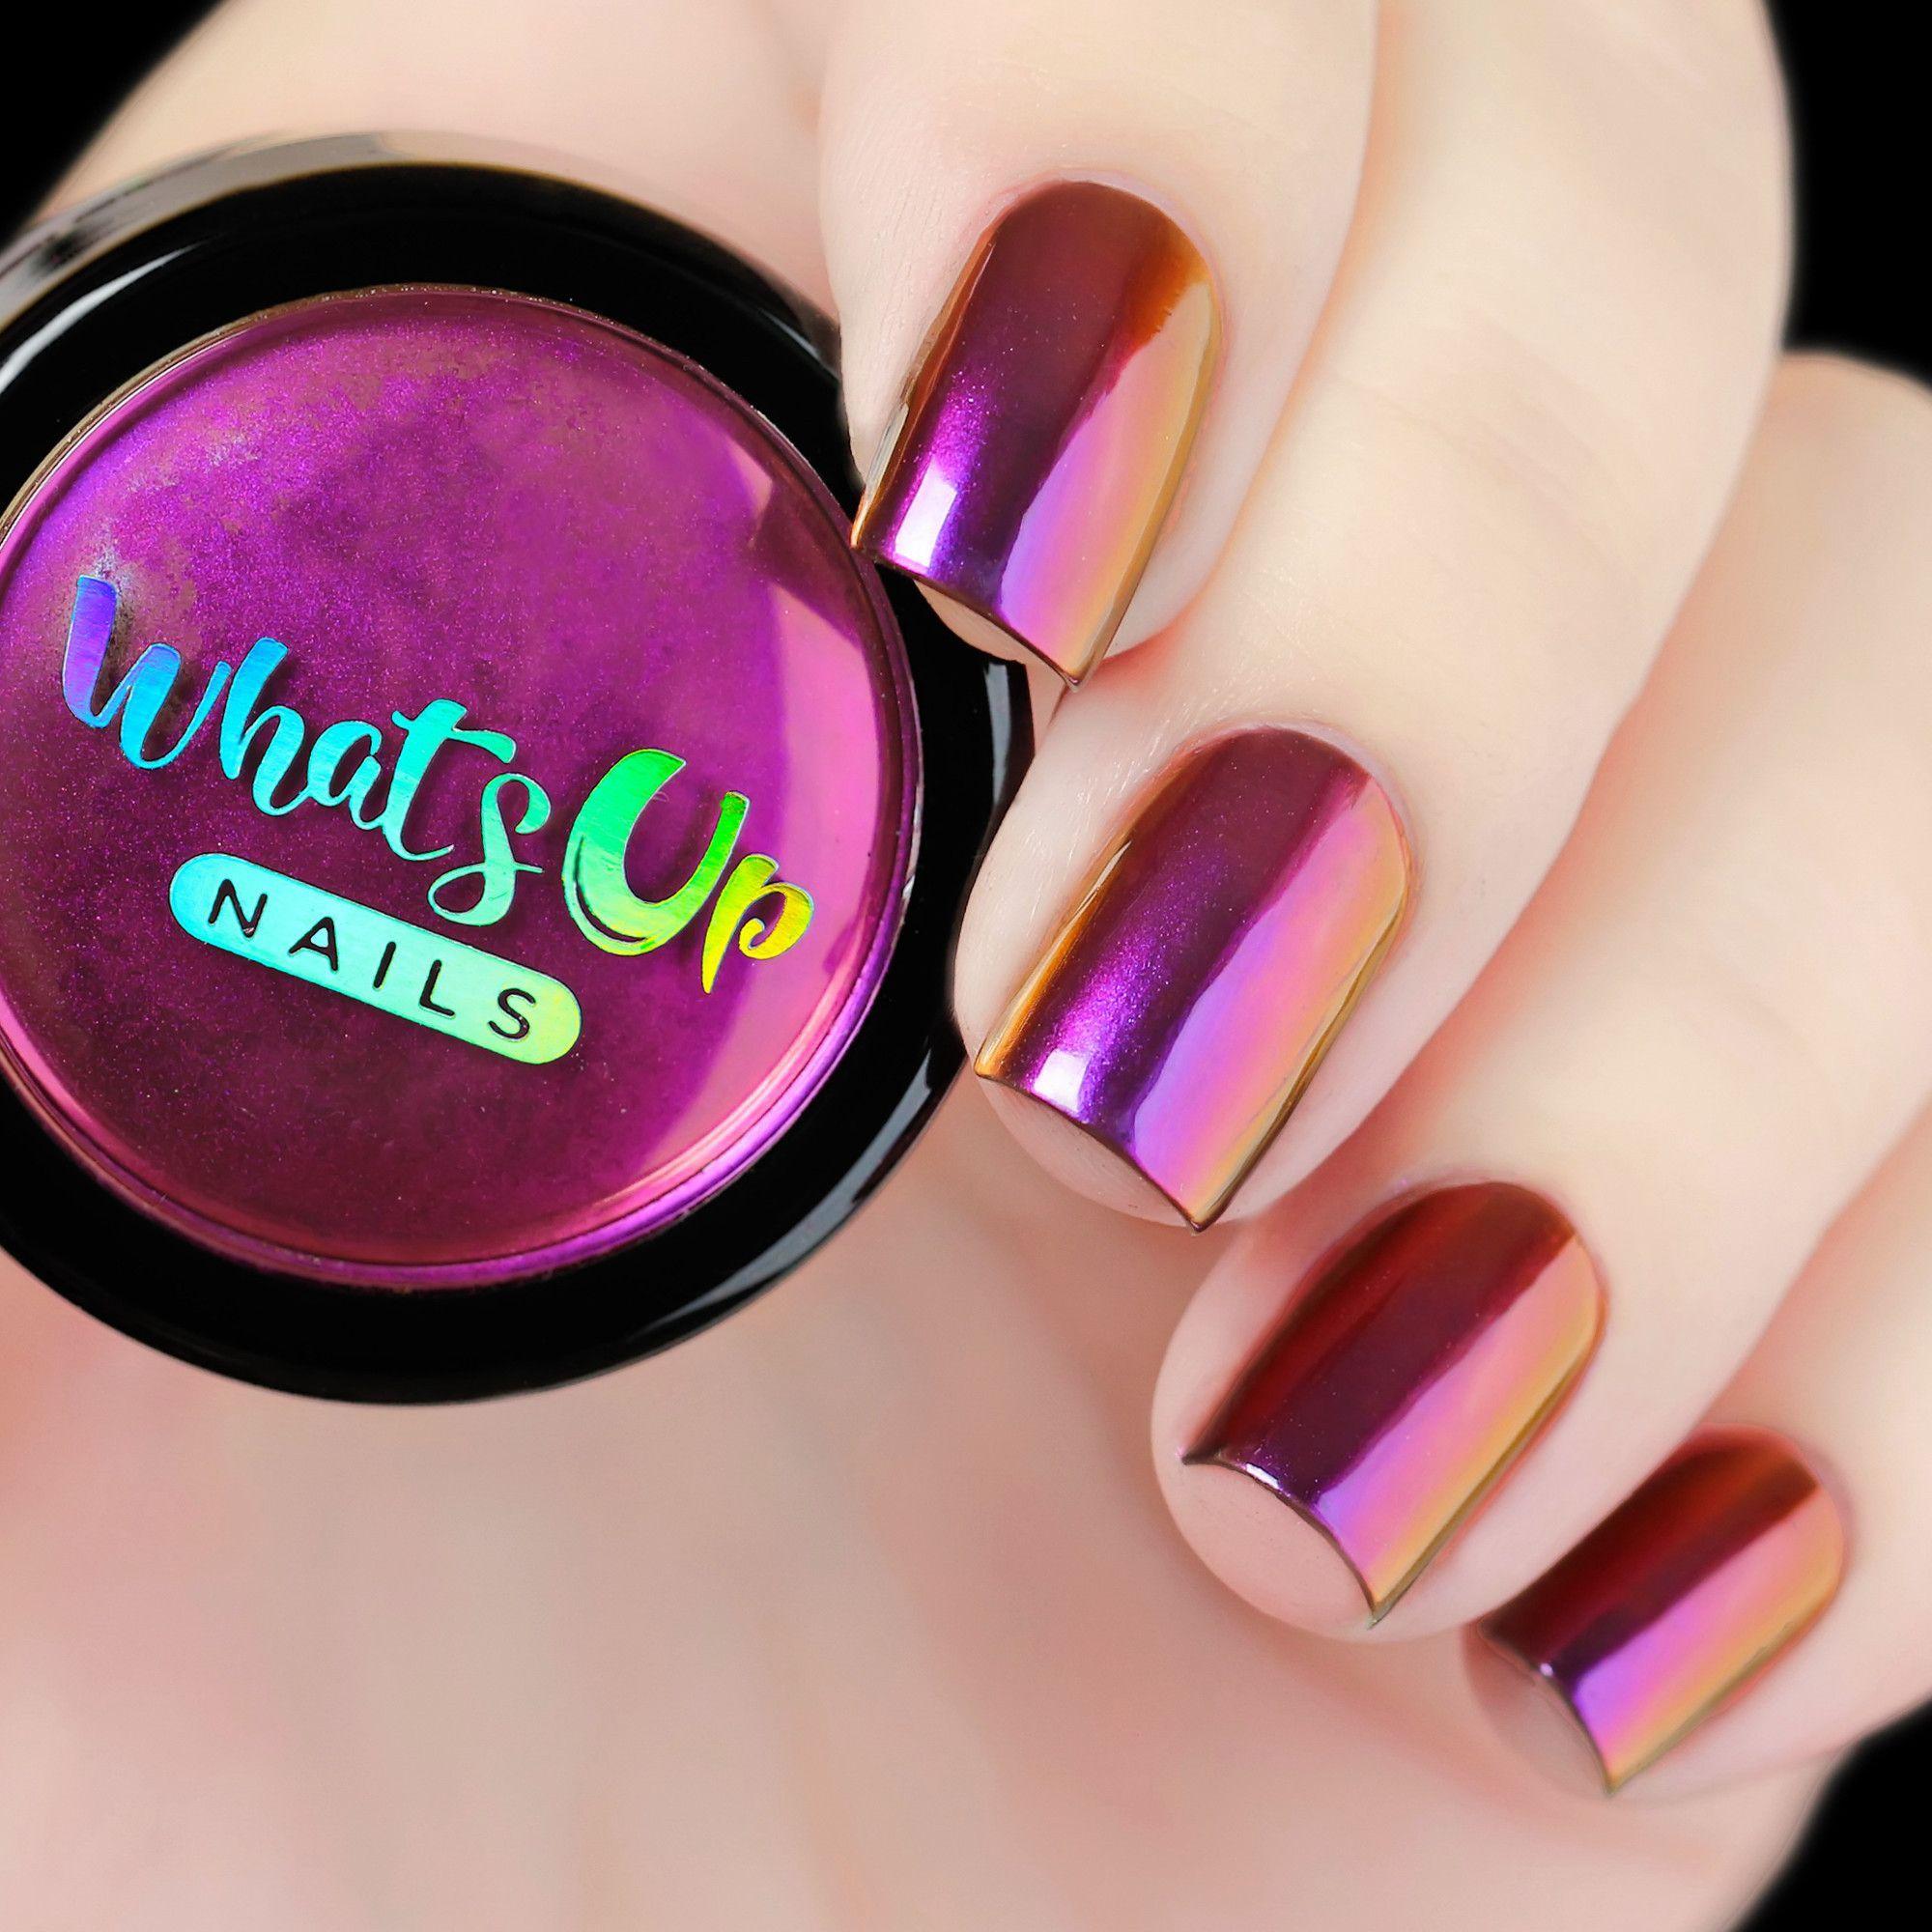 Fantasy Powder | Uñas espejo, Diseños de uñas y Pintauñas